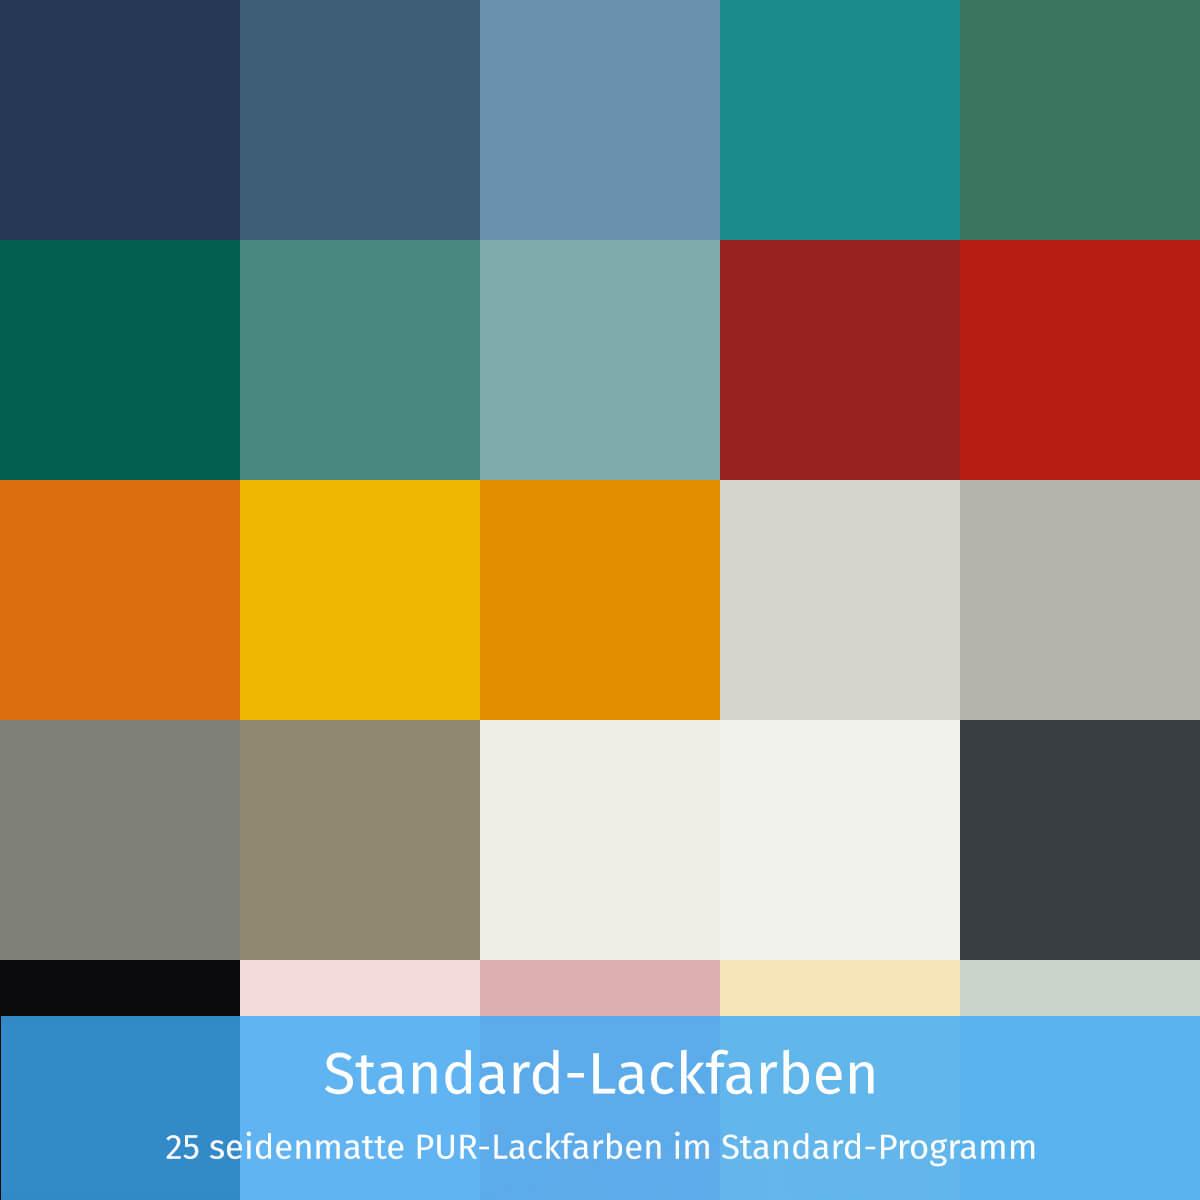 Standard-Lackfarben